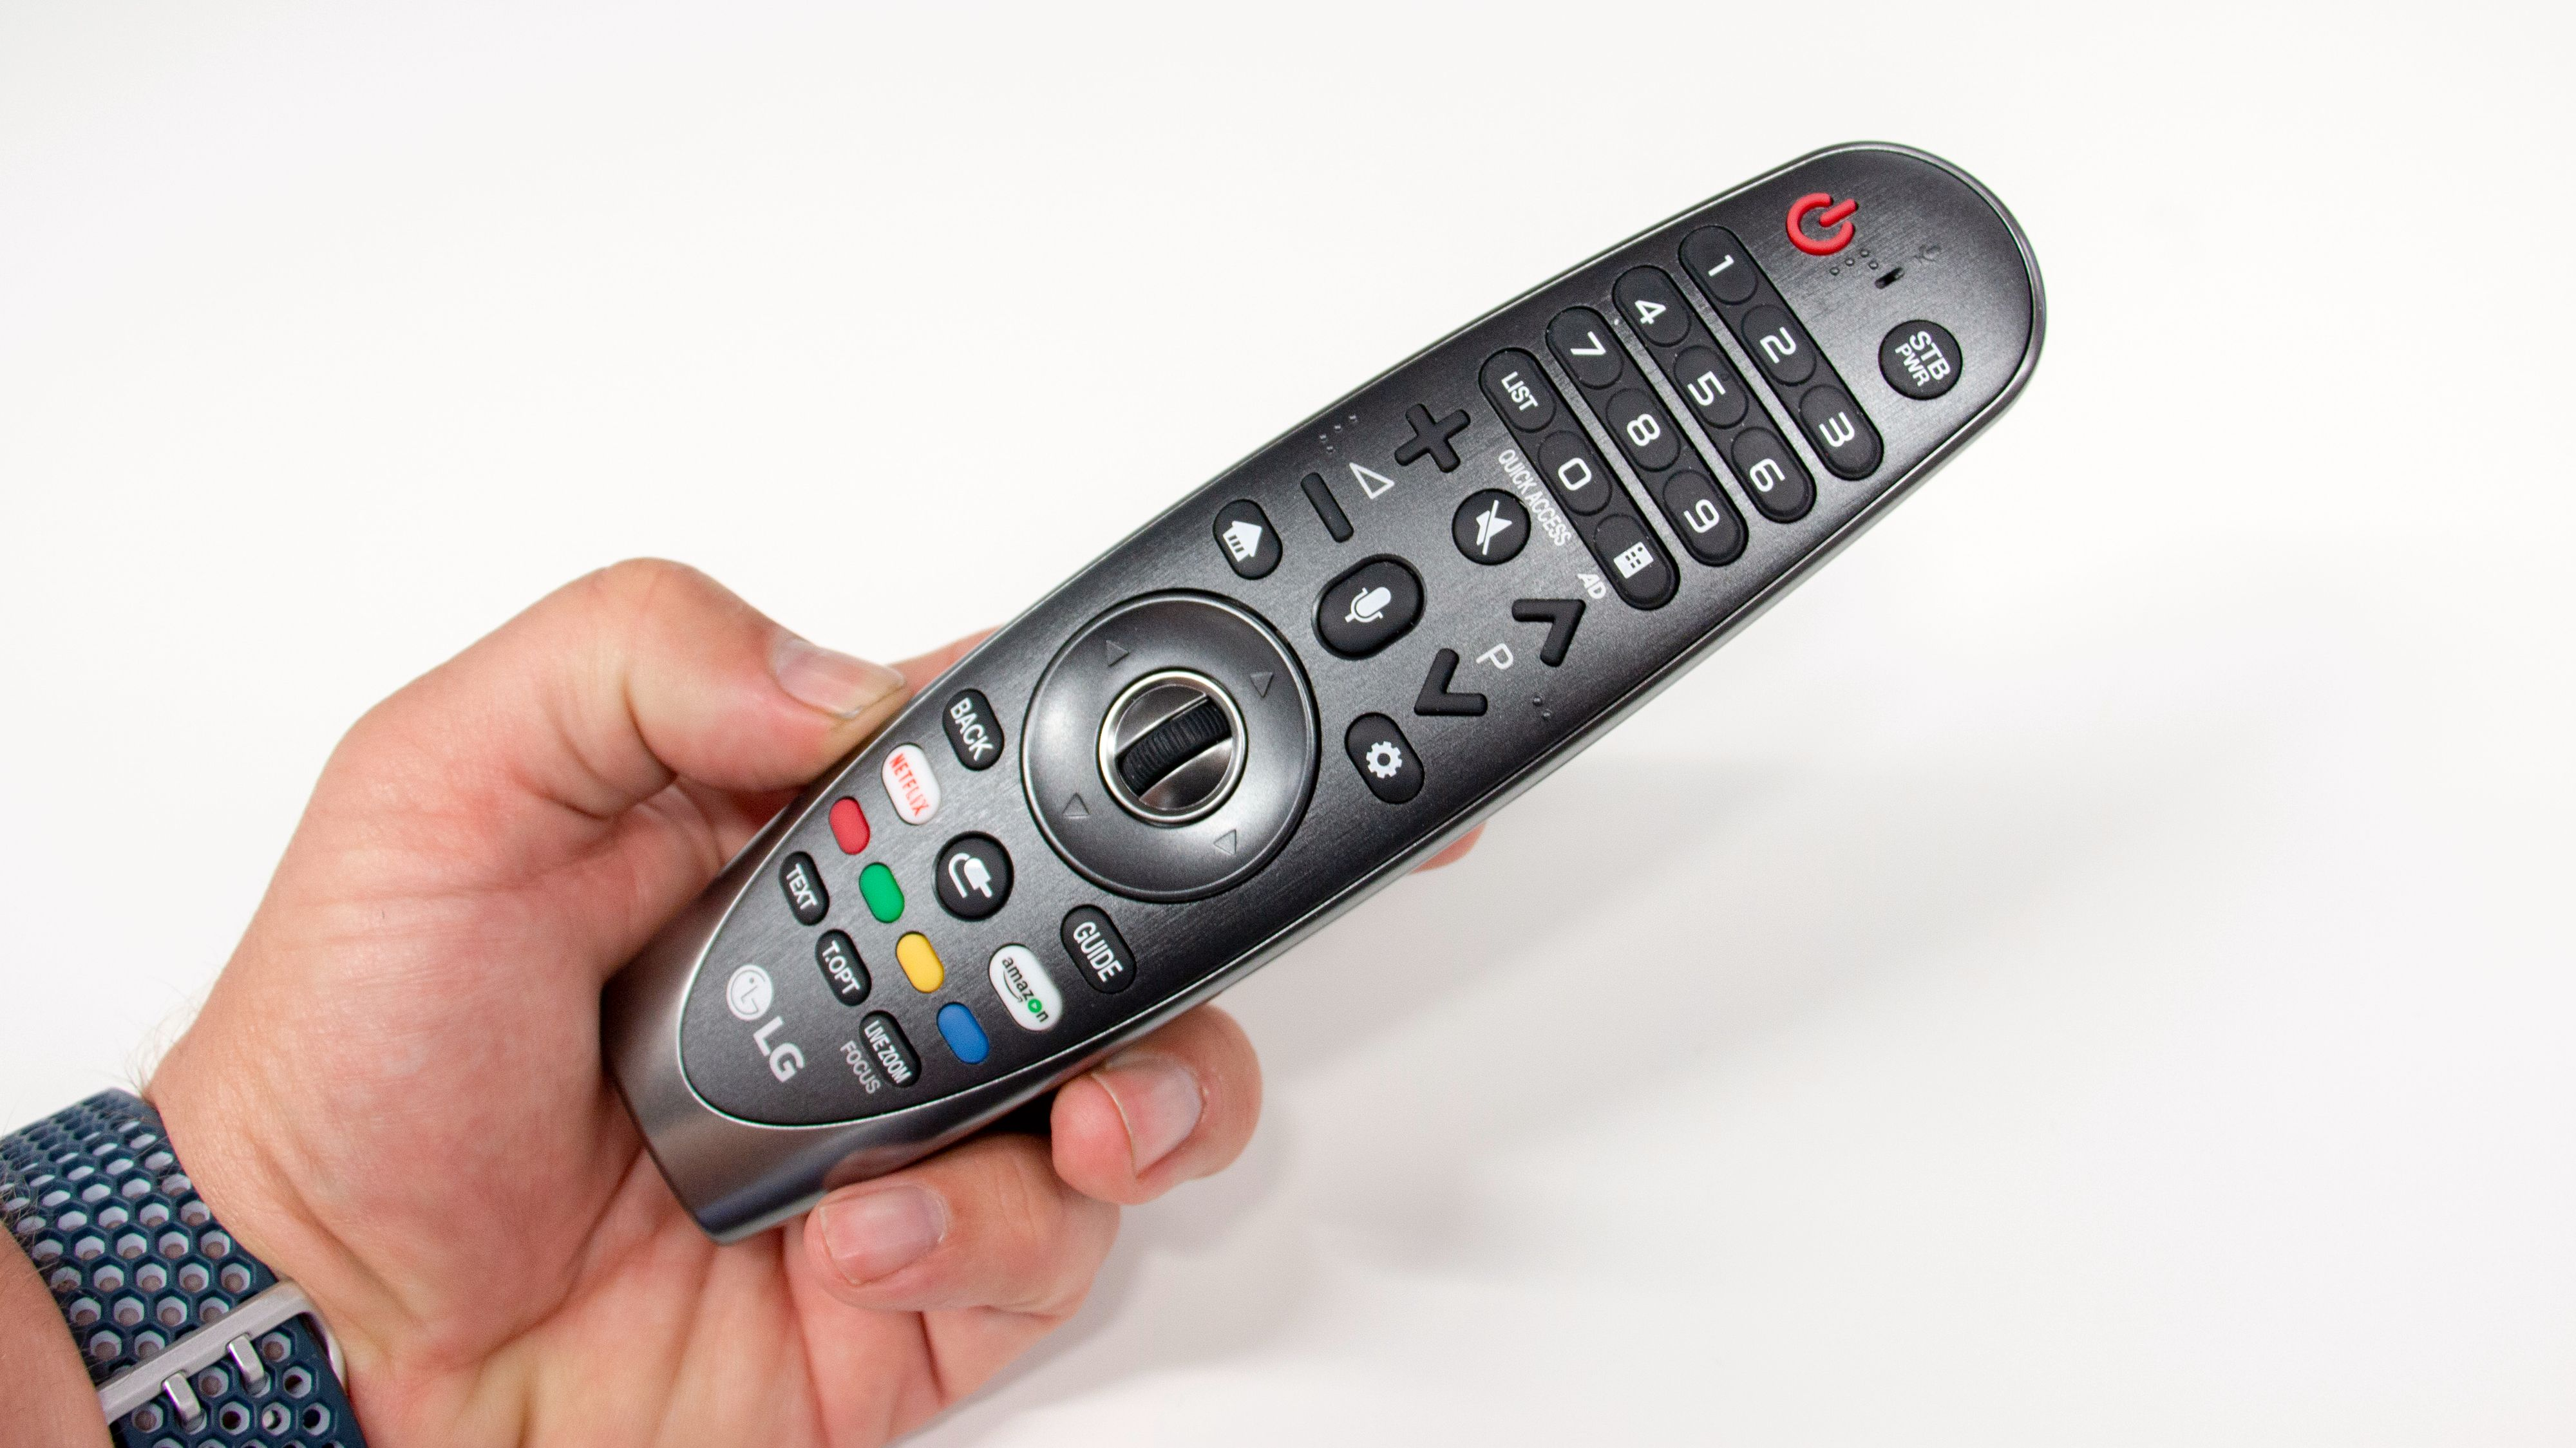 Fjernkontrollen er ikke nødvendigvis den tøffeste å se på, men pekefunksjonen gir deg god brukeropplevelse.